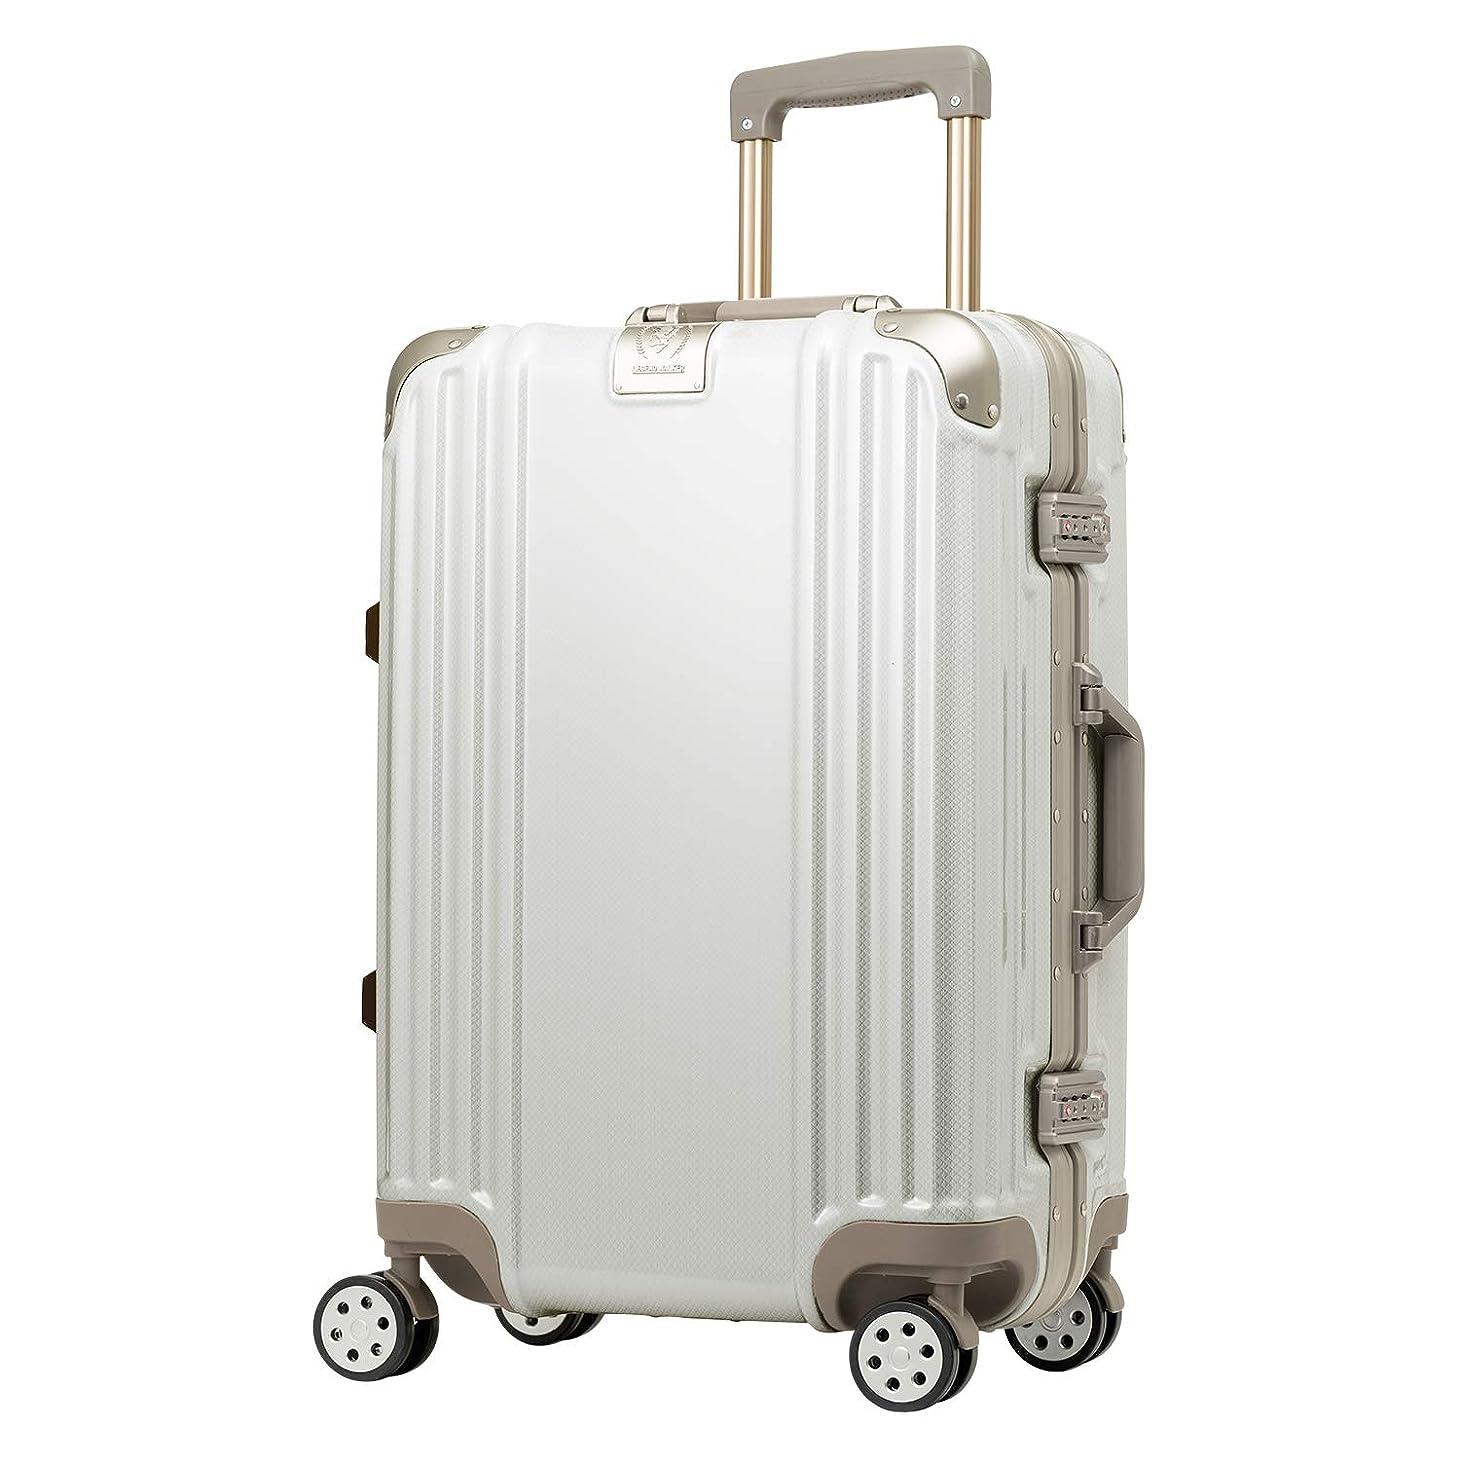 証人に対応信頼性のあるスーツケース キャリーケース キャリーバッグ S M Lサイズ ダイヤルロック ダブルキャスター レジェンドウォーカー 5509